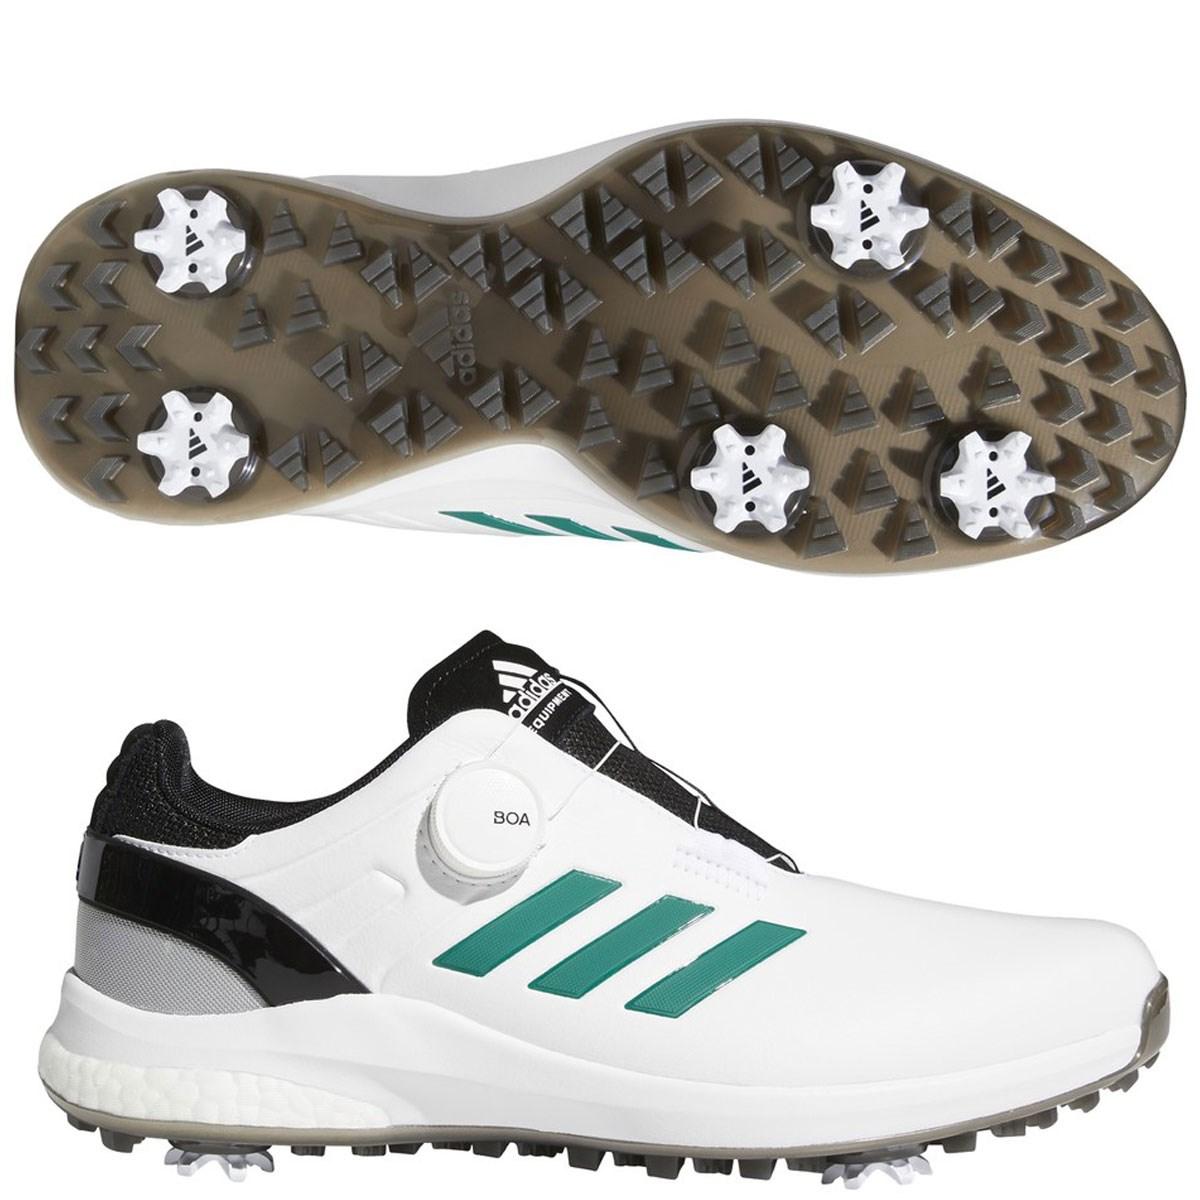 アディダス Adidas EQTボアシューズ 24.5cm フットウェアホワイト/サブグリーン/コアブラック